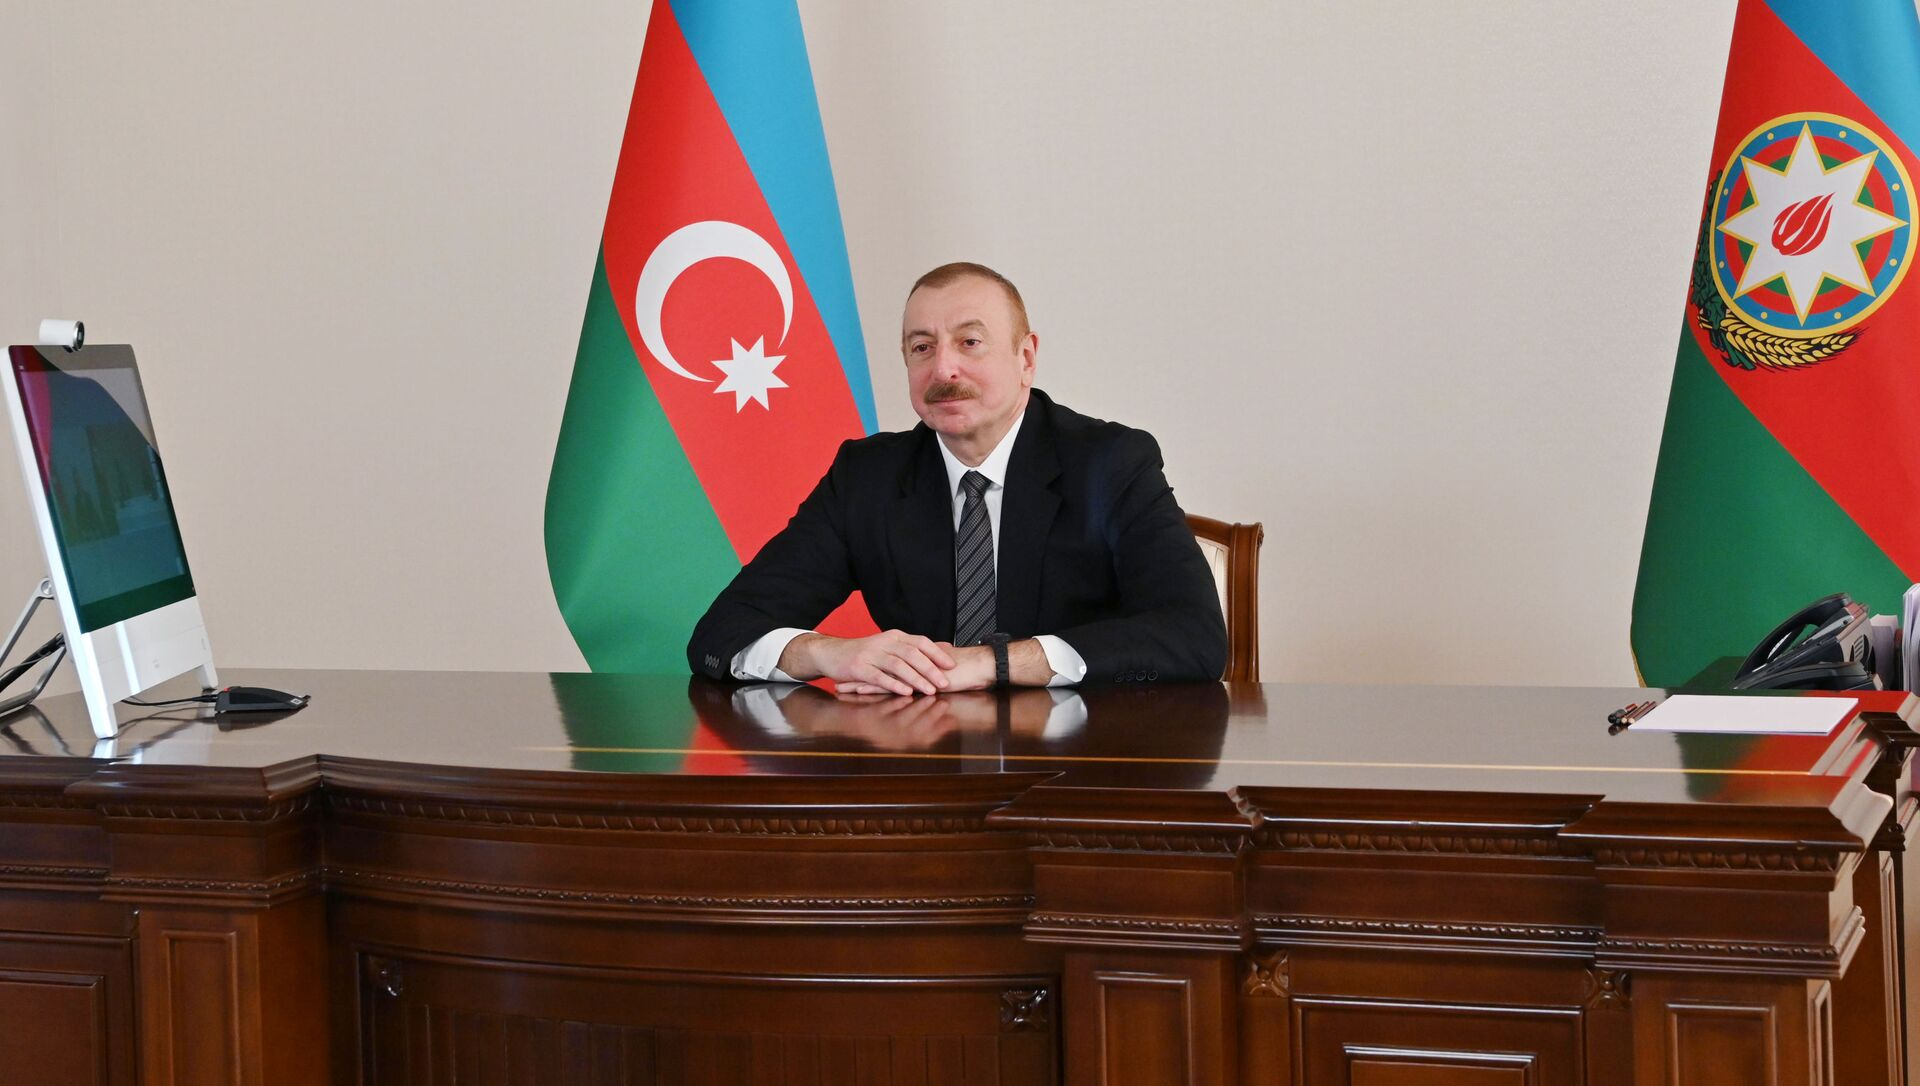 Президент Ильхам Алиев выступил на онлайн Саммите Организации экономического сотрудничества - Sputnik Azərbaycan, 1920, 04.09.2021